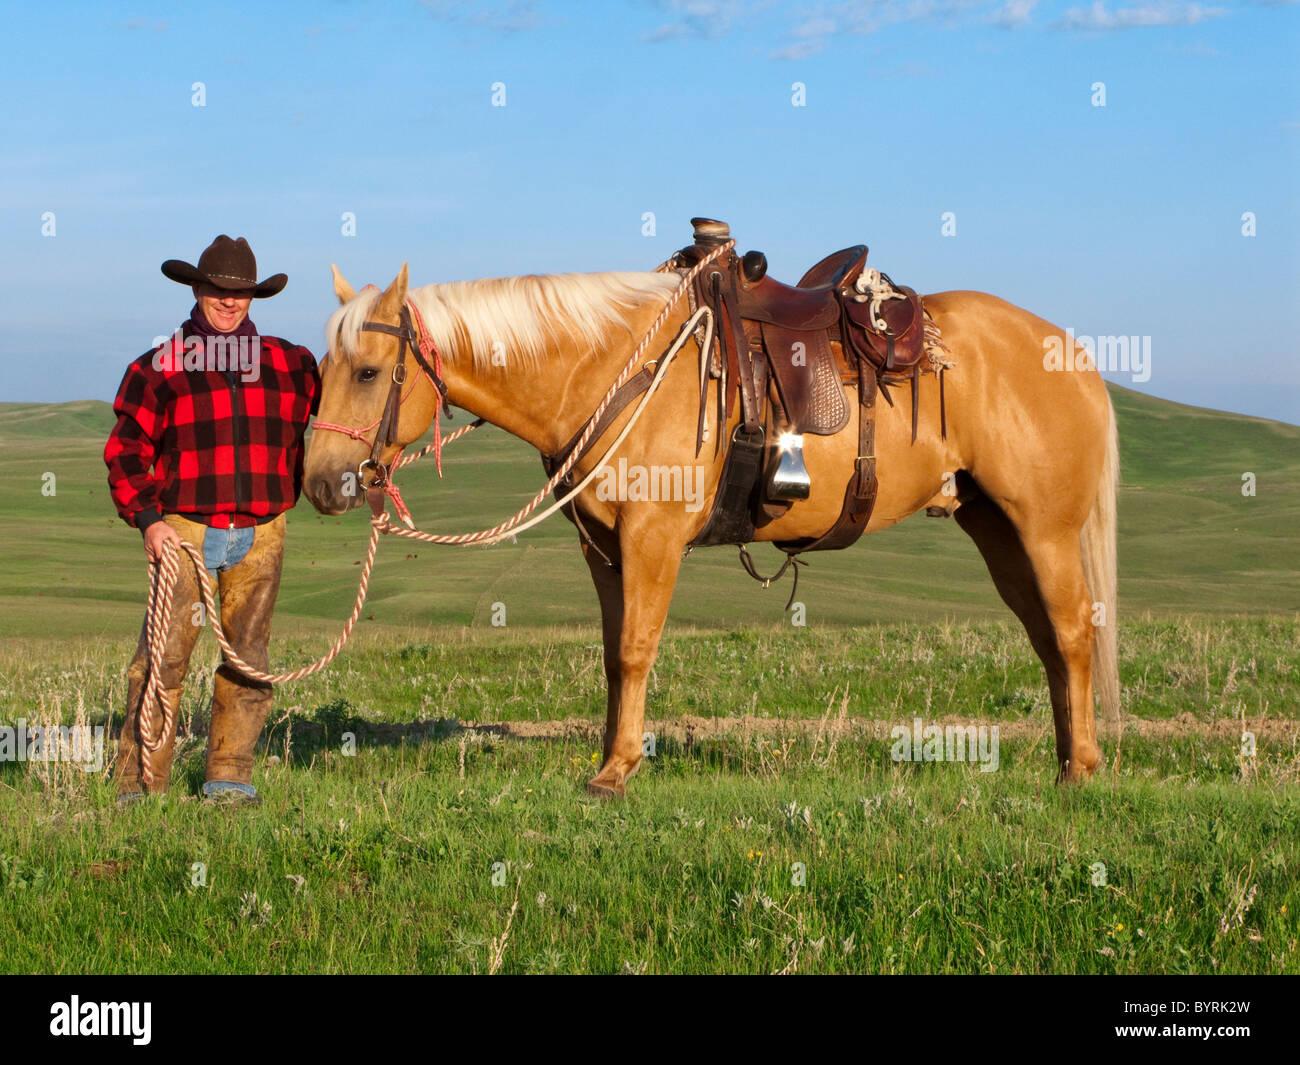 Élevage - un cowboy pose avec son cheval sur une prairie verte / de l'Alberta, au Canada. Banque D'Images